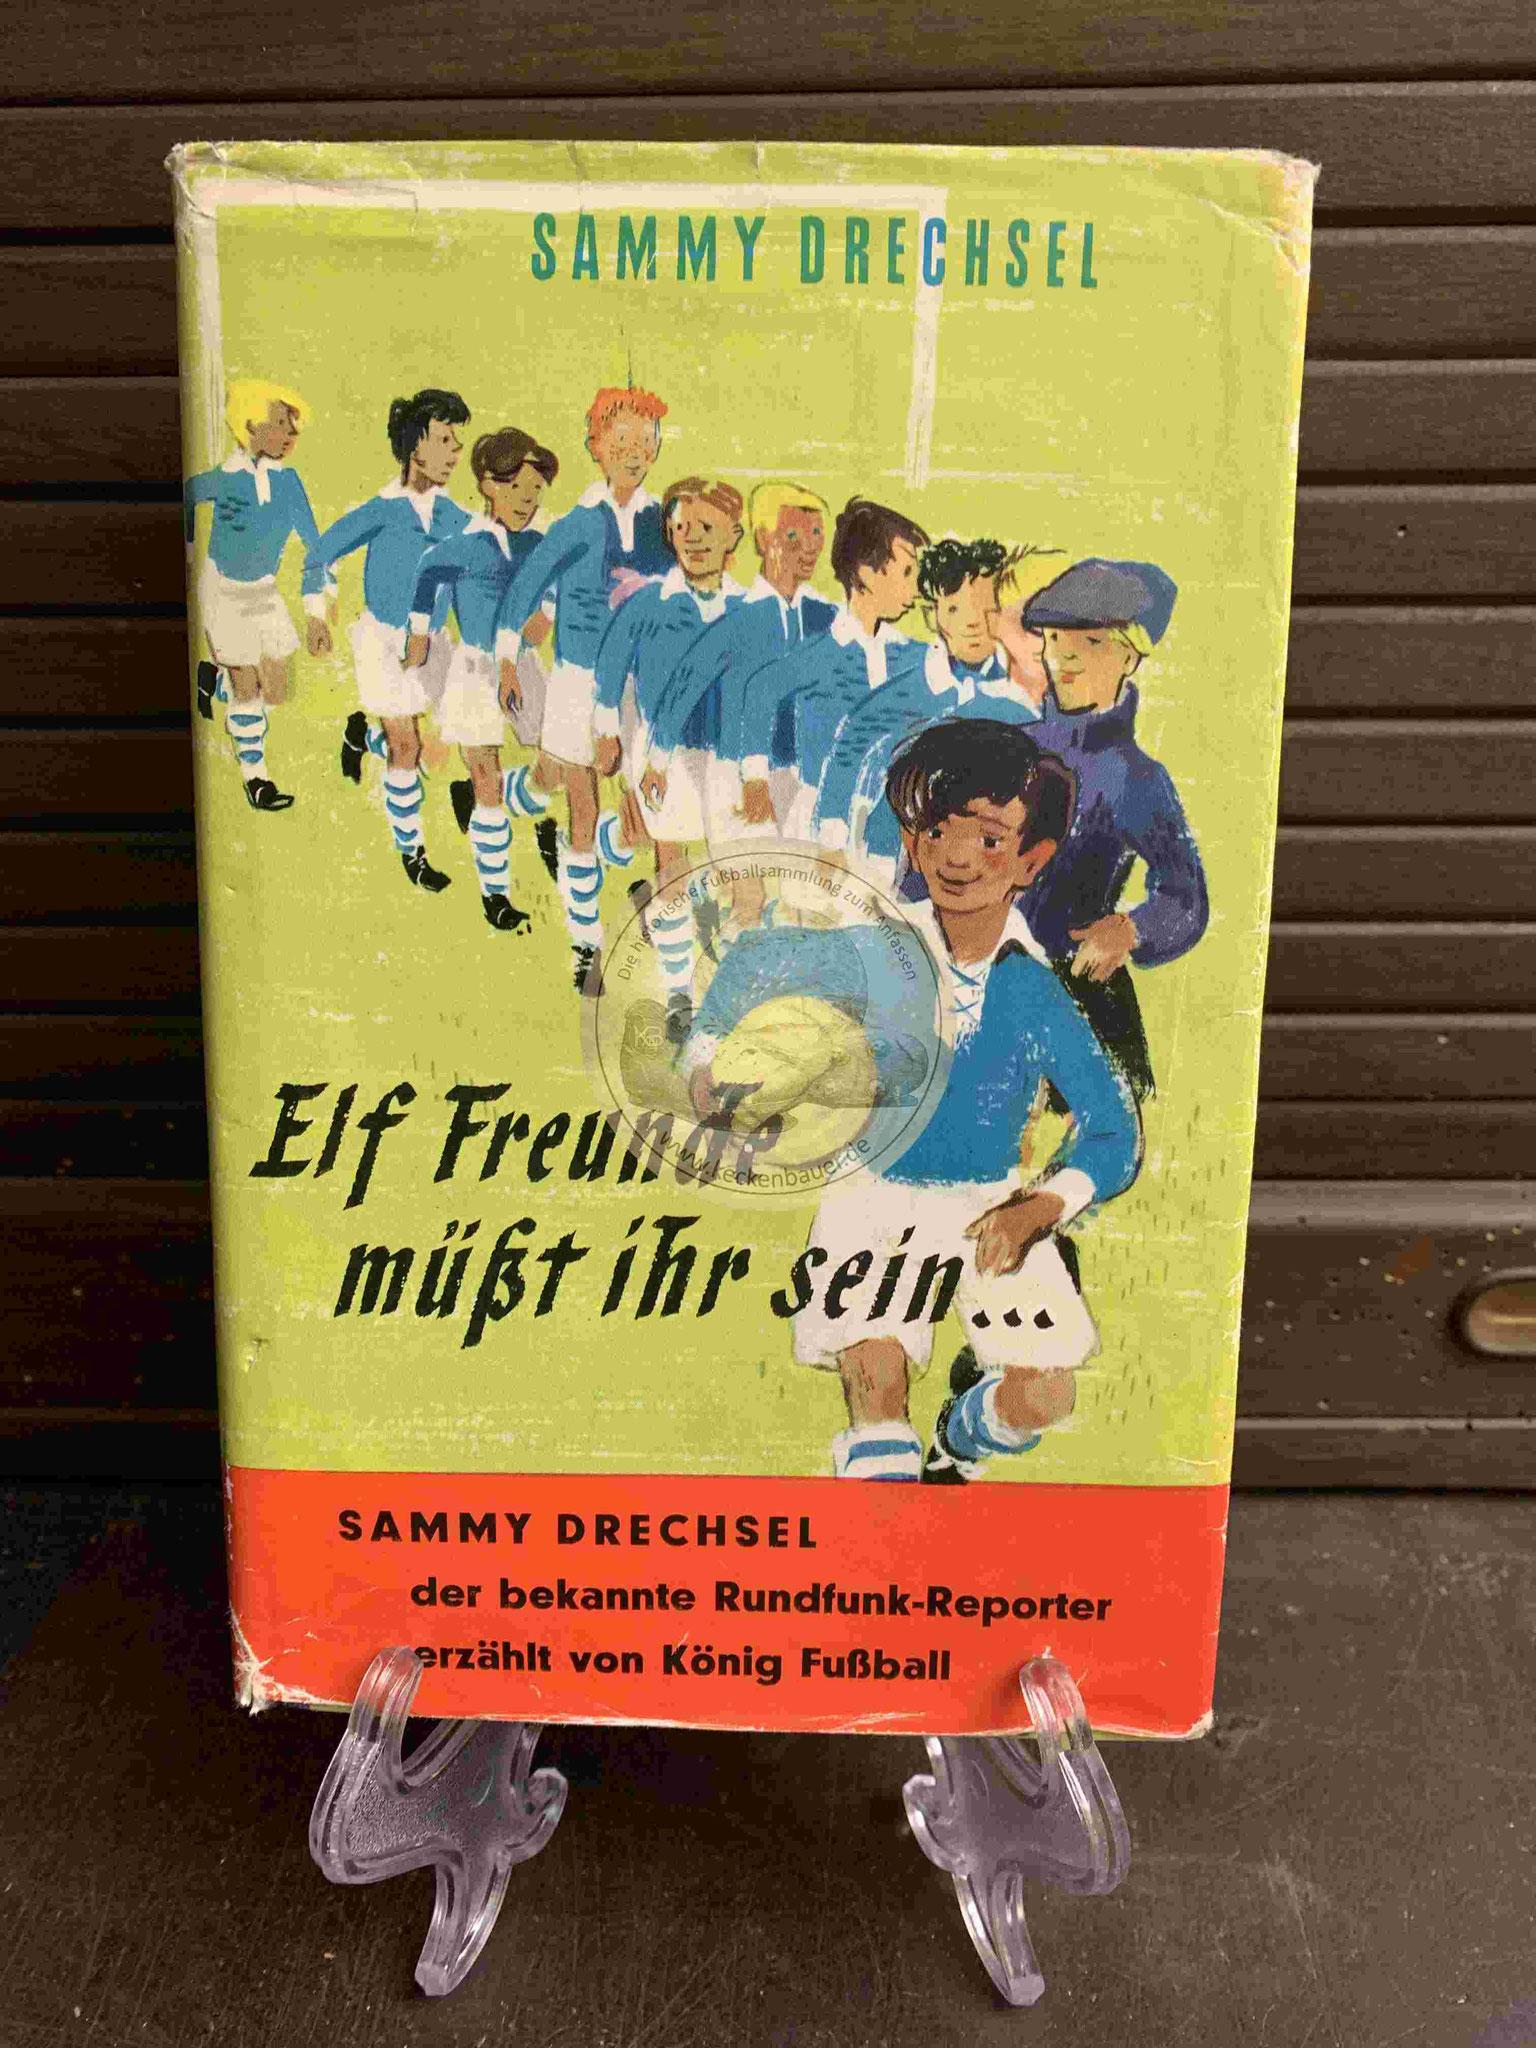 Sammy Drechsel Elf Freunde müßt ihr sein... mit Widmung aus dem Jahr 1955